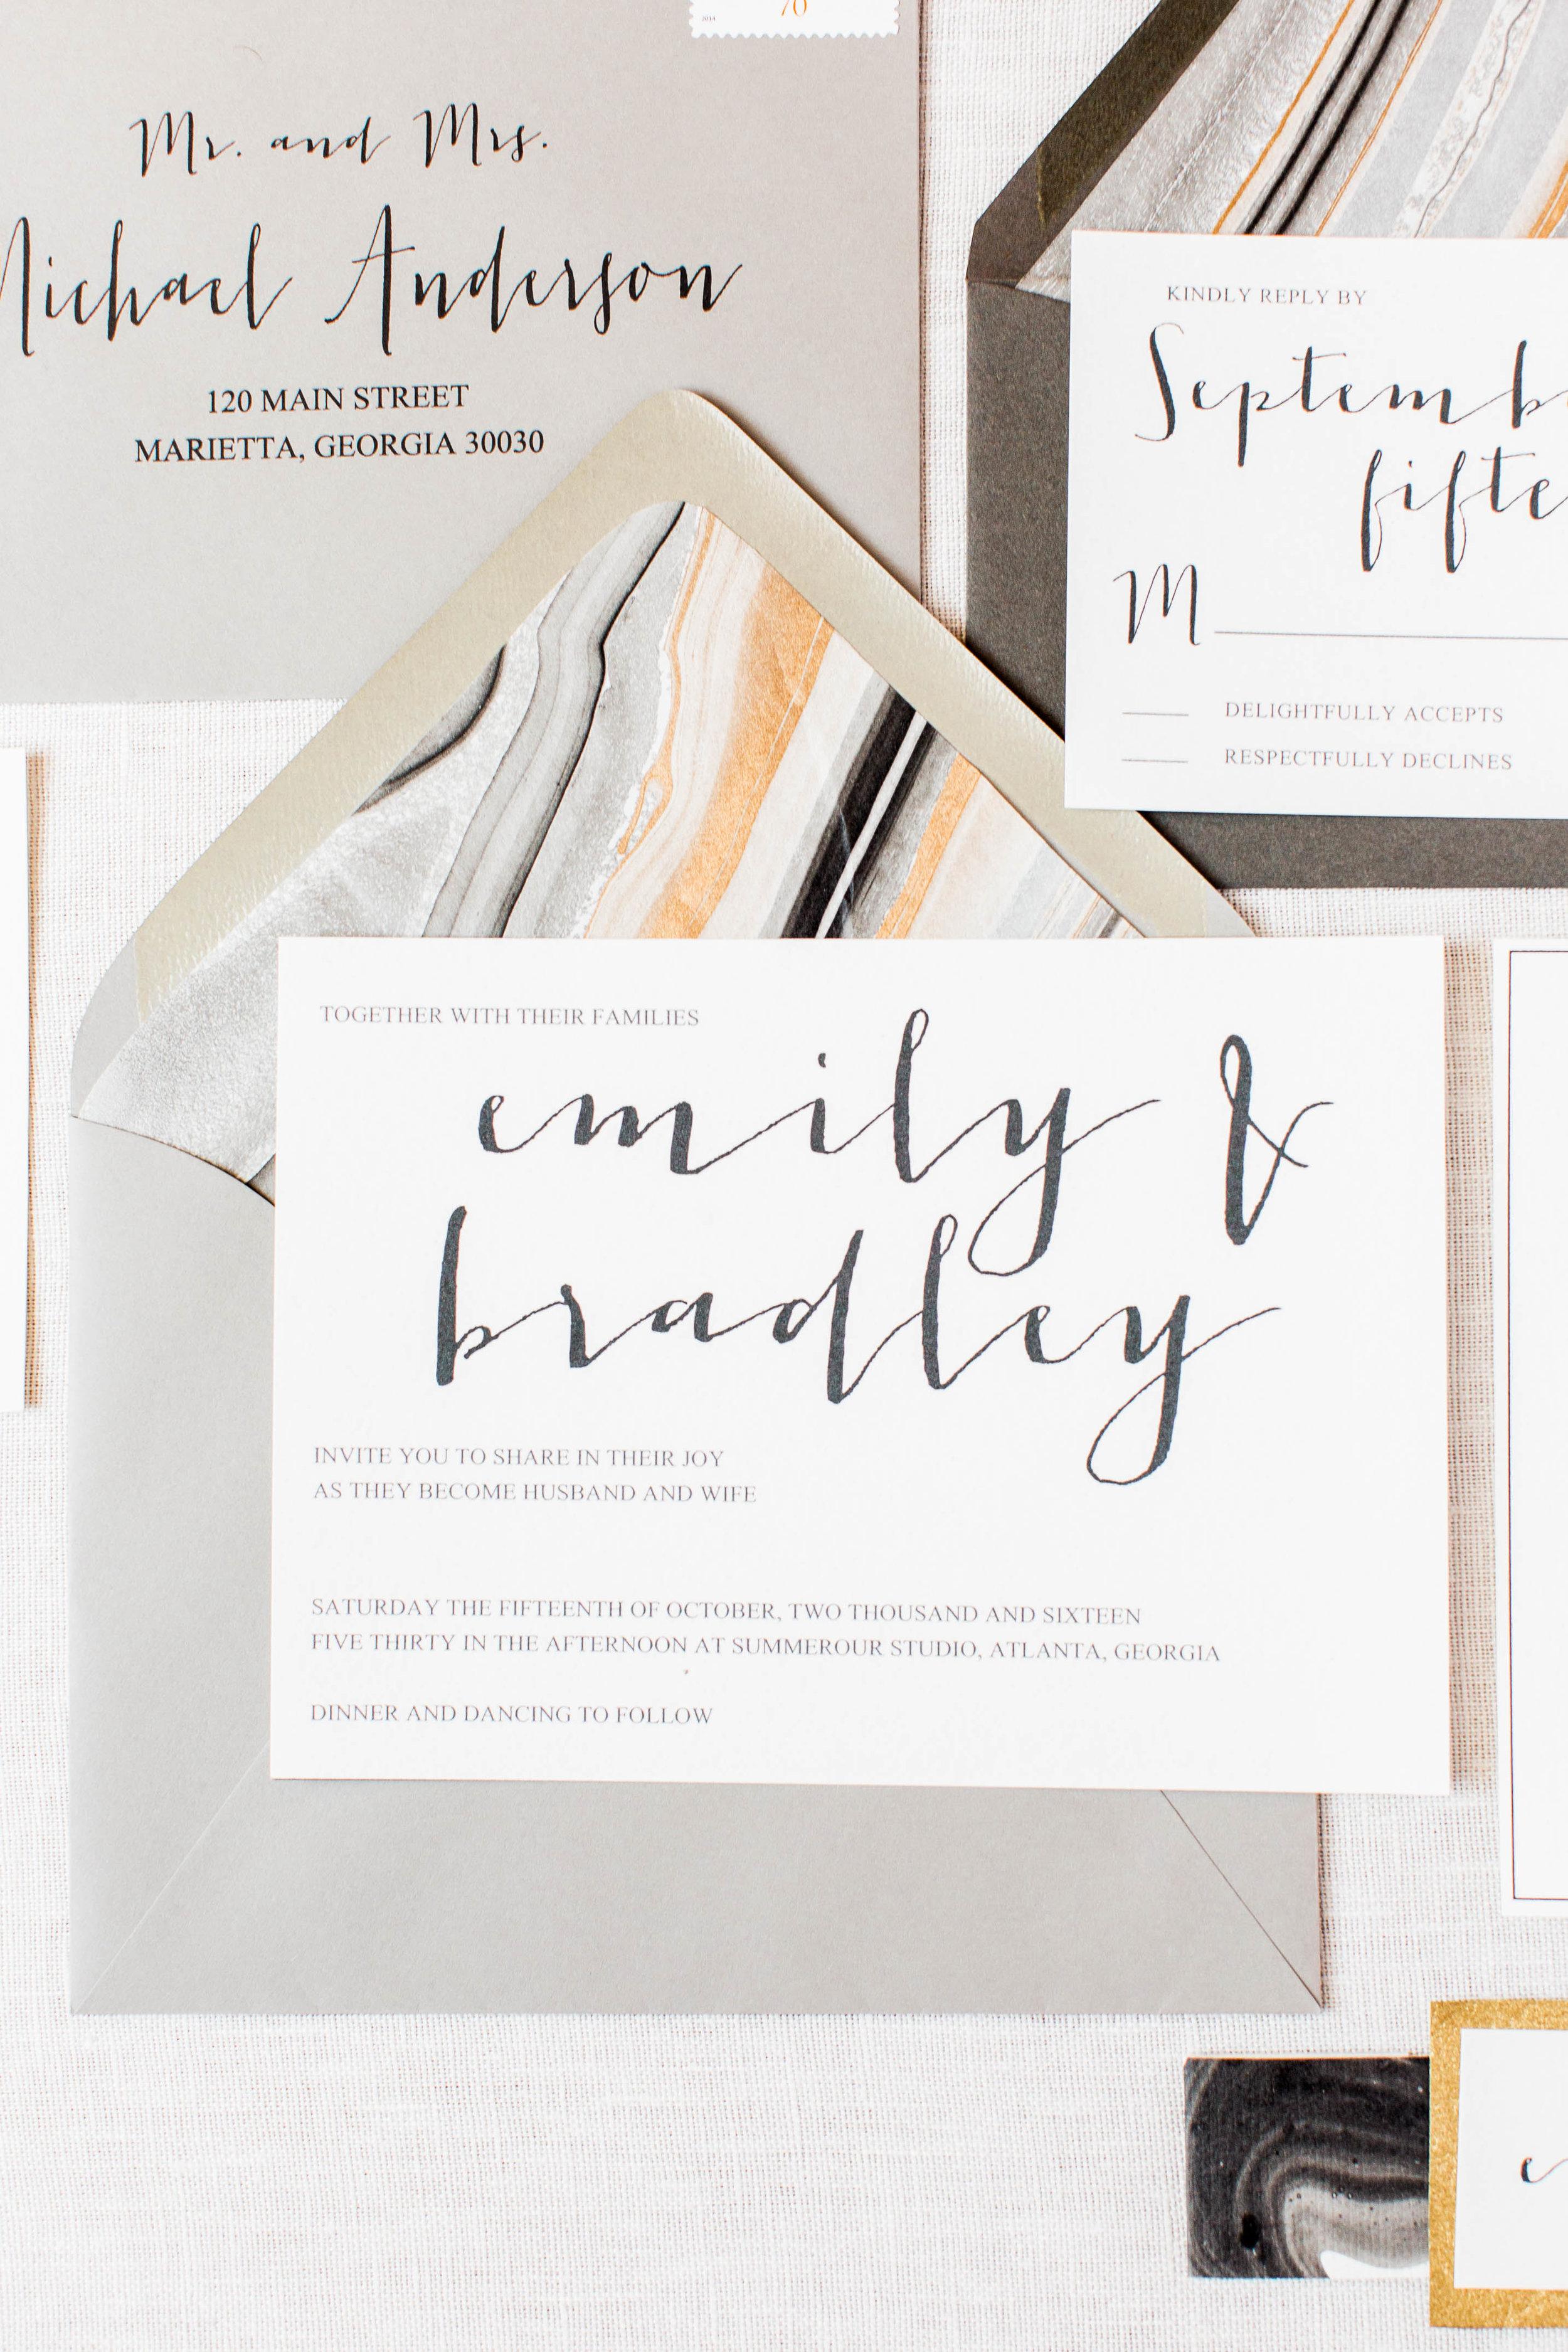 Stacey-Holbrook-Designs-Lindsey-LaRue-73.jpg